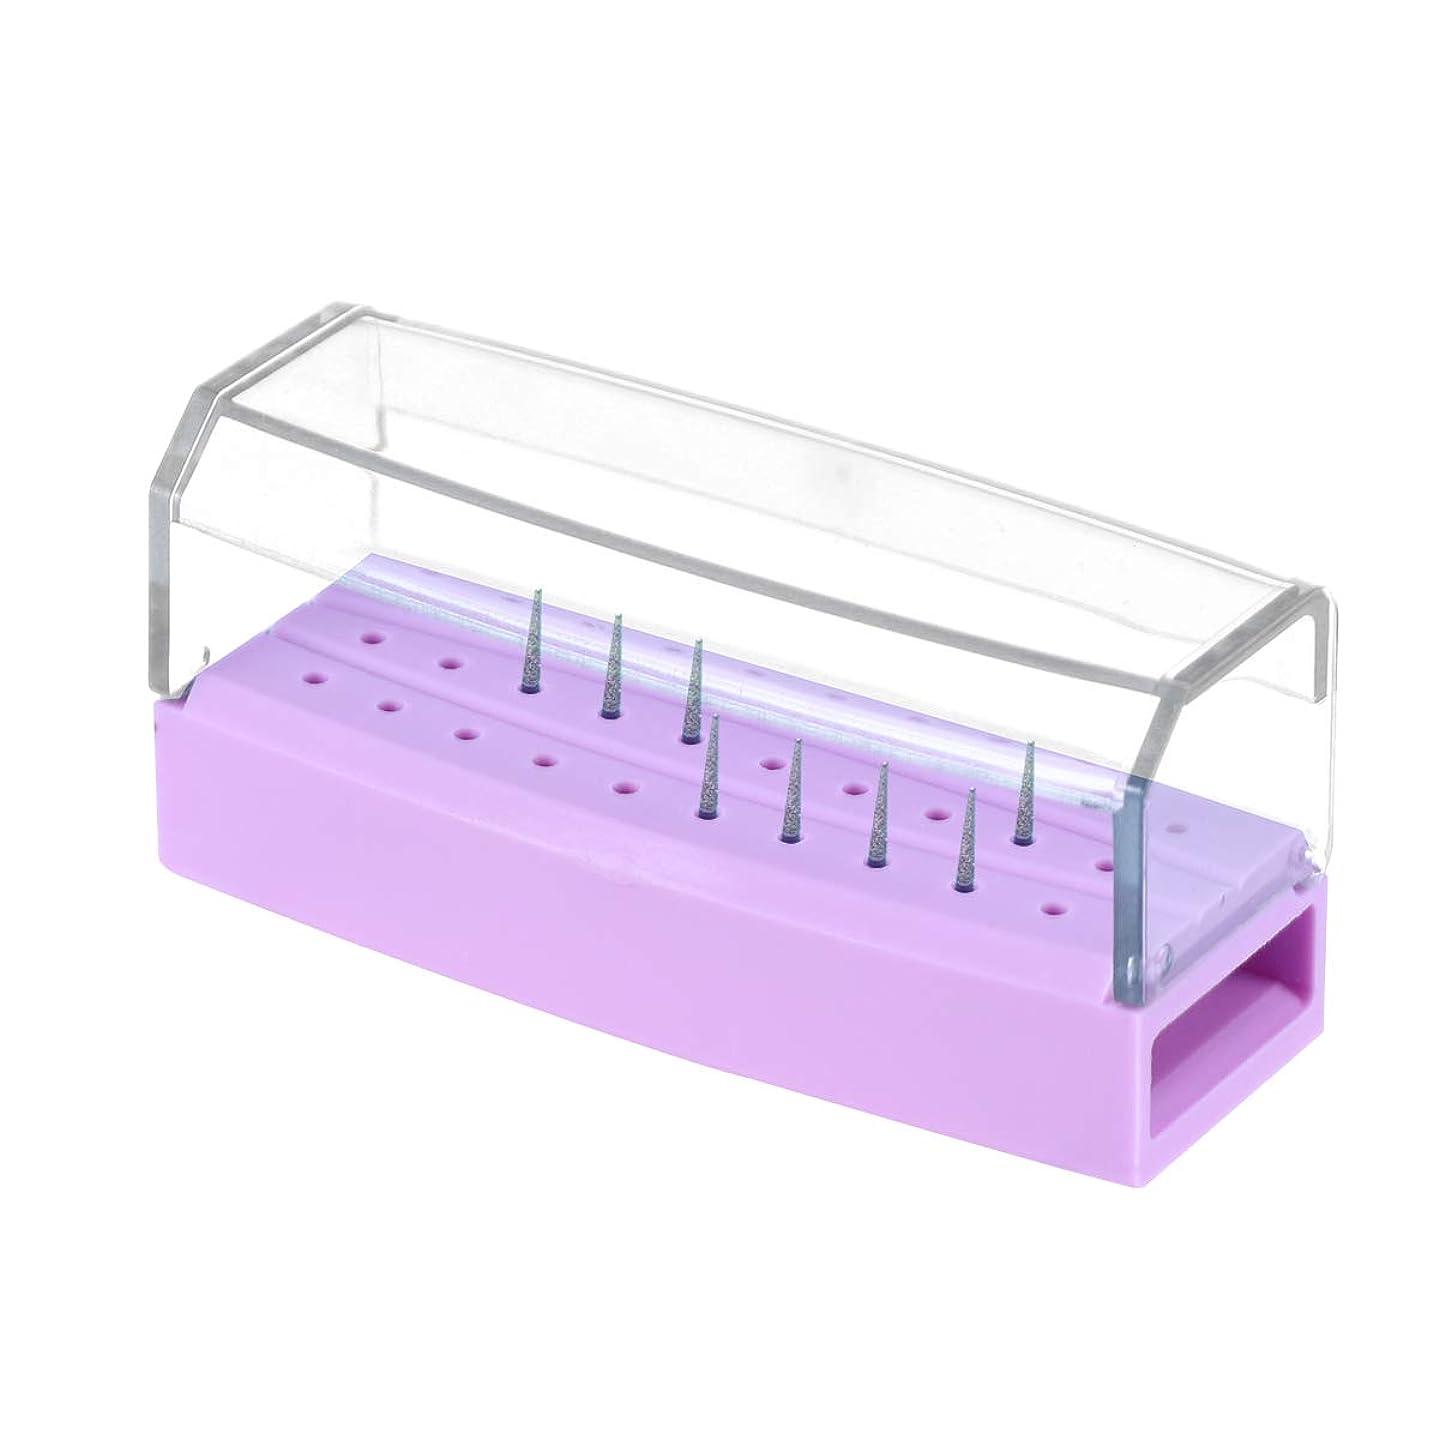 レスリング影響力のある動的Healifty オートクレーブ滅菌装置ケース30穴歯科用消毒ホルダーボックスオーラルケアツールパープル